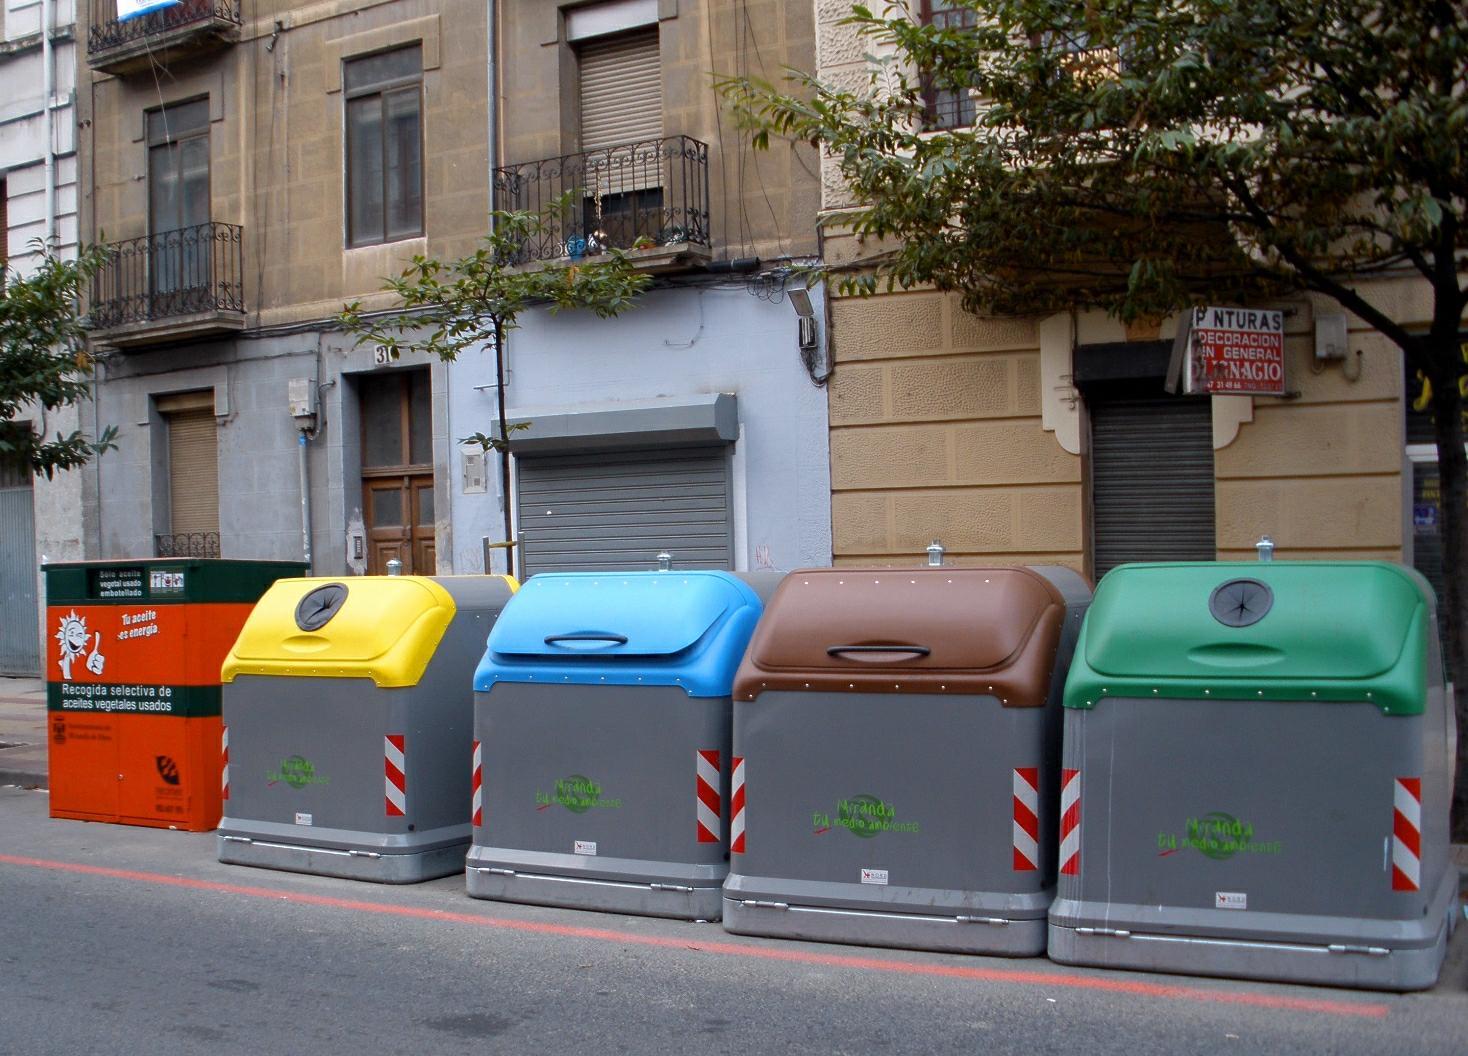 Reciclar residuos orgánicos - el quinto contenedor